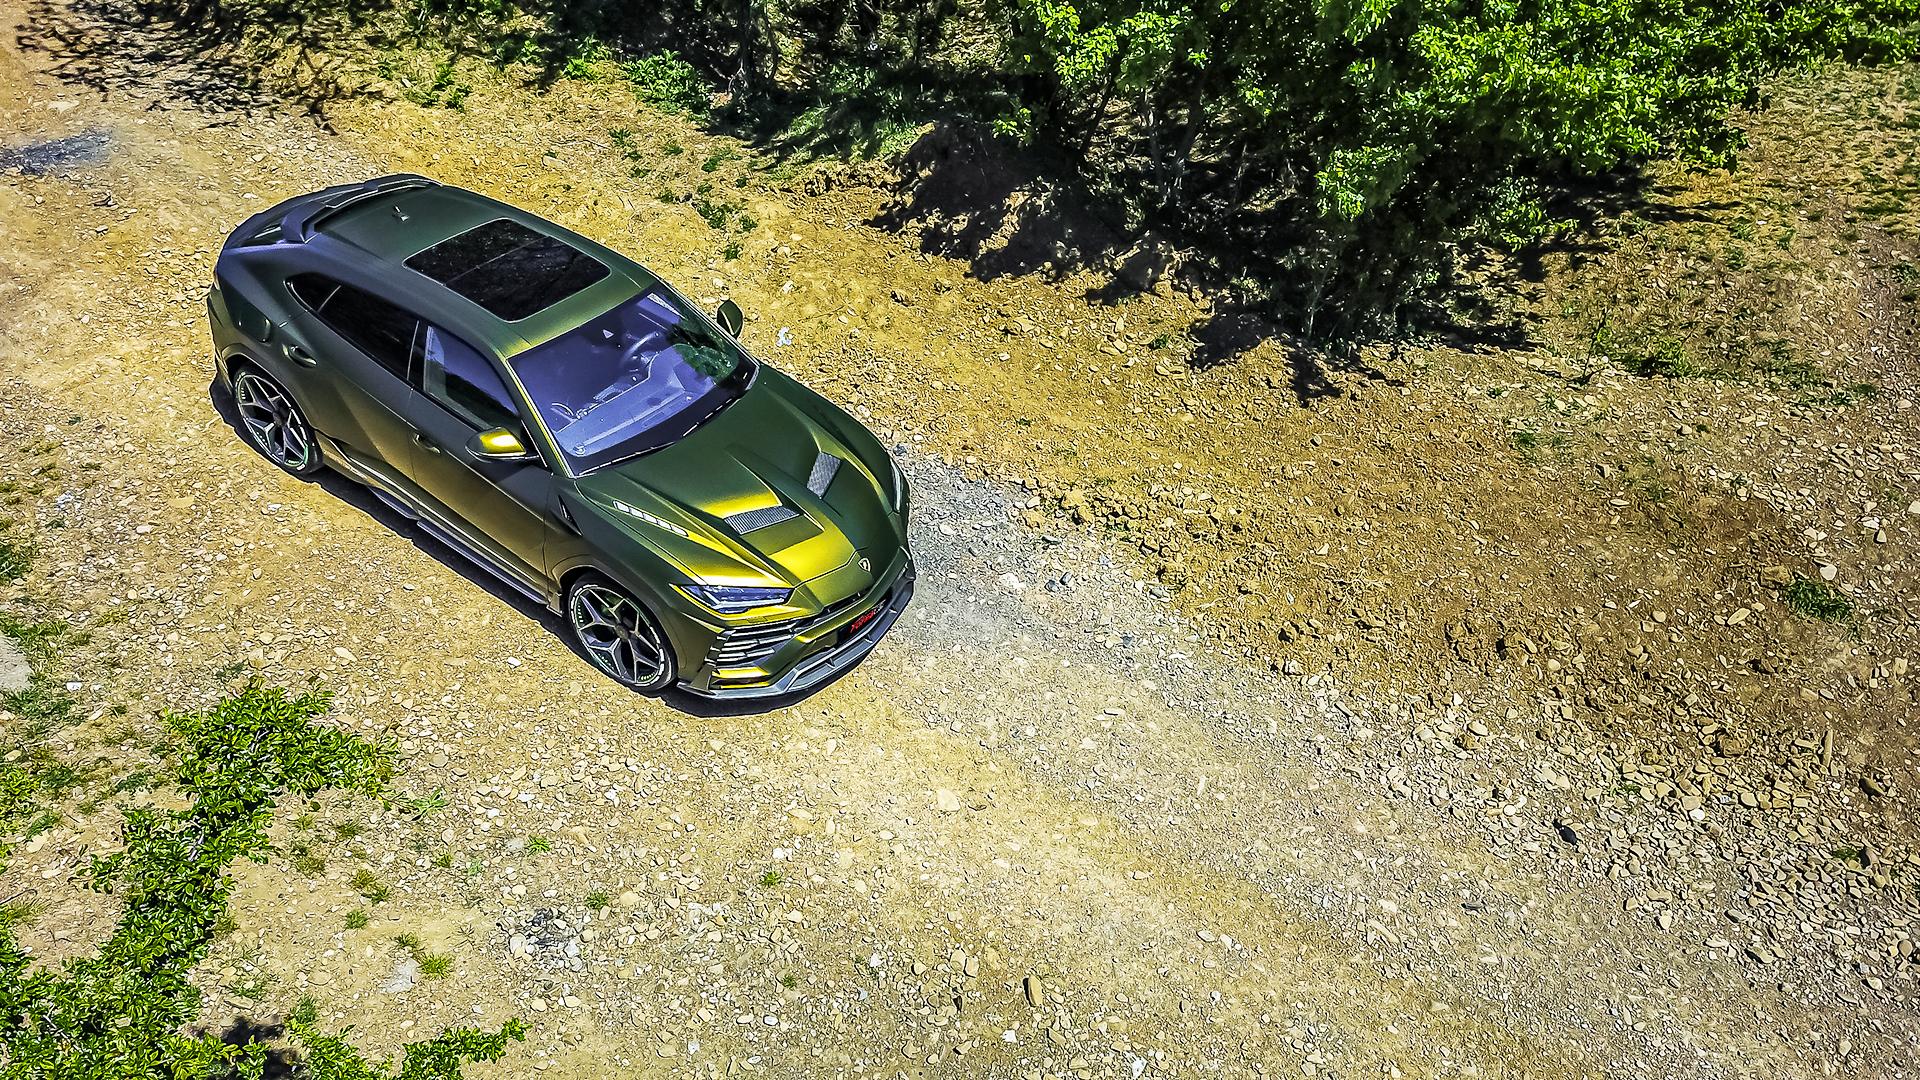 Компания SCL GLOBAL Concept в сотрудничестве с FormaCar представила масштабный рестайлинг для Lamborghini Urus. В состав аэродинамического комплекта вошли 42 детали.